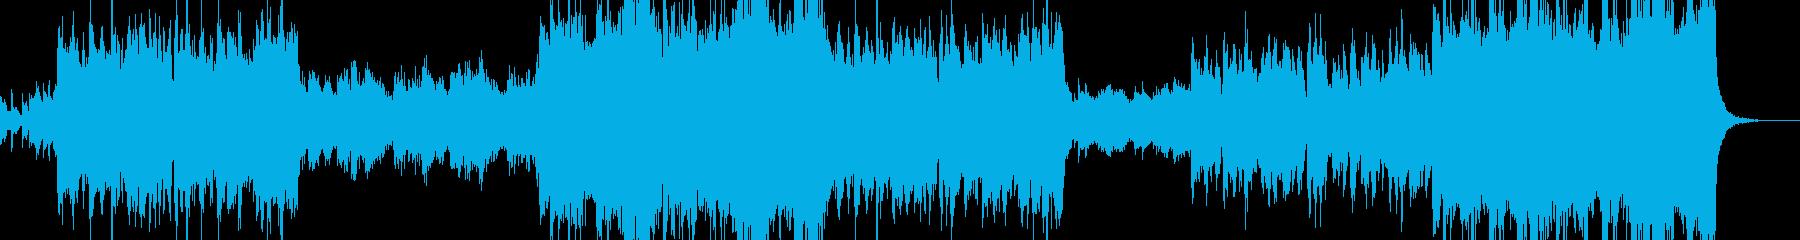 明るい未来の青空の再生済みの波形